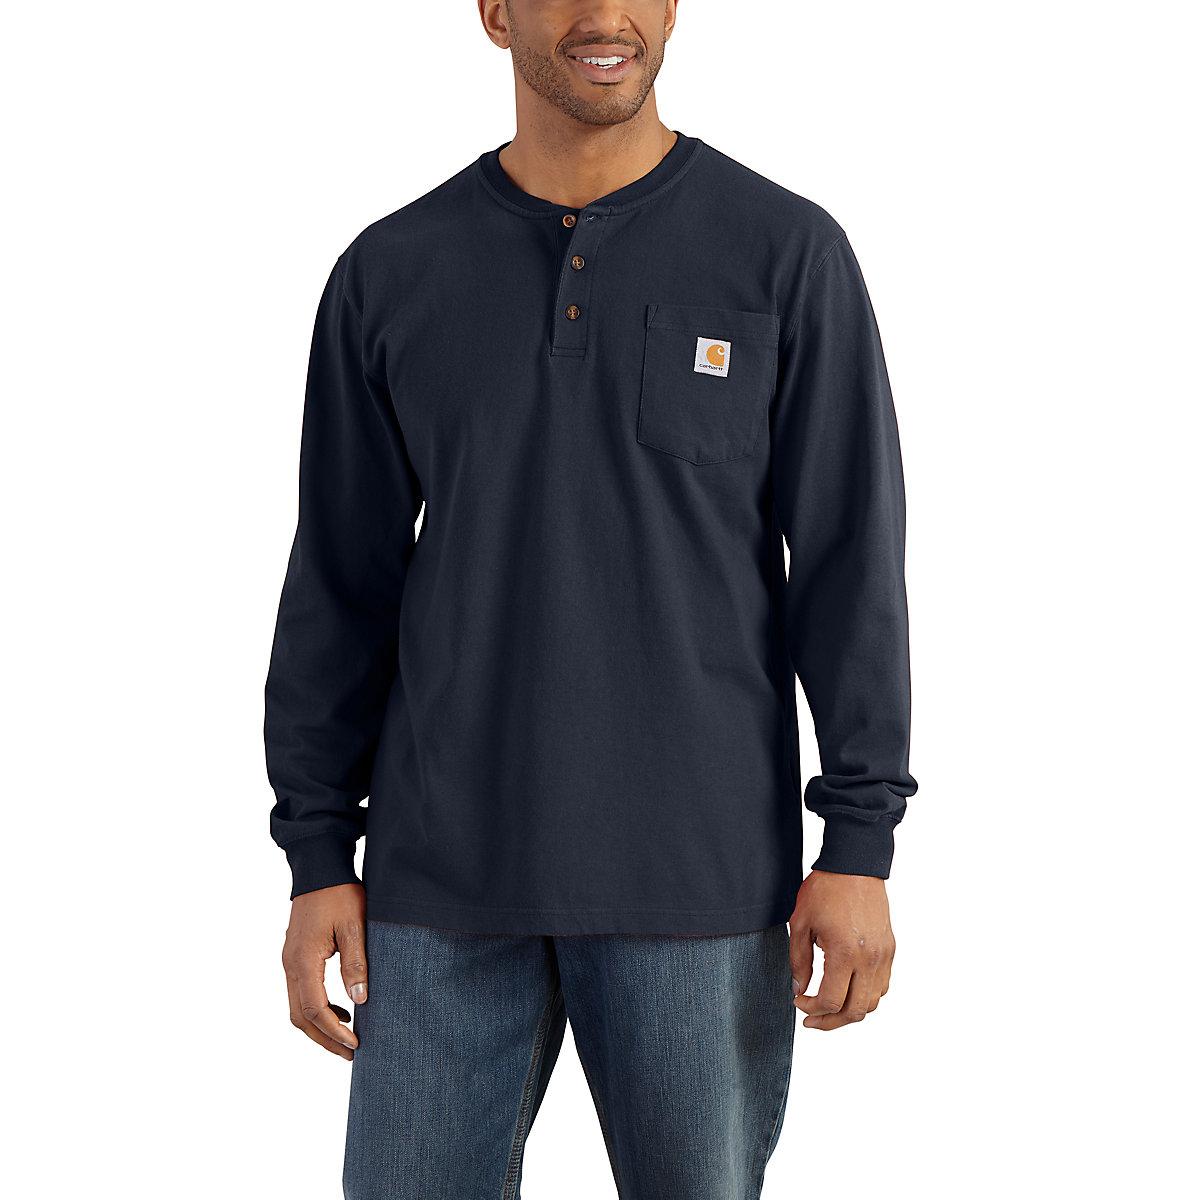 Men 39 s long sleeve workwear henley k128 carhartt for Carhartt work shirts tall